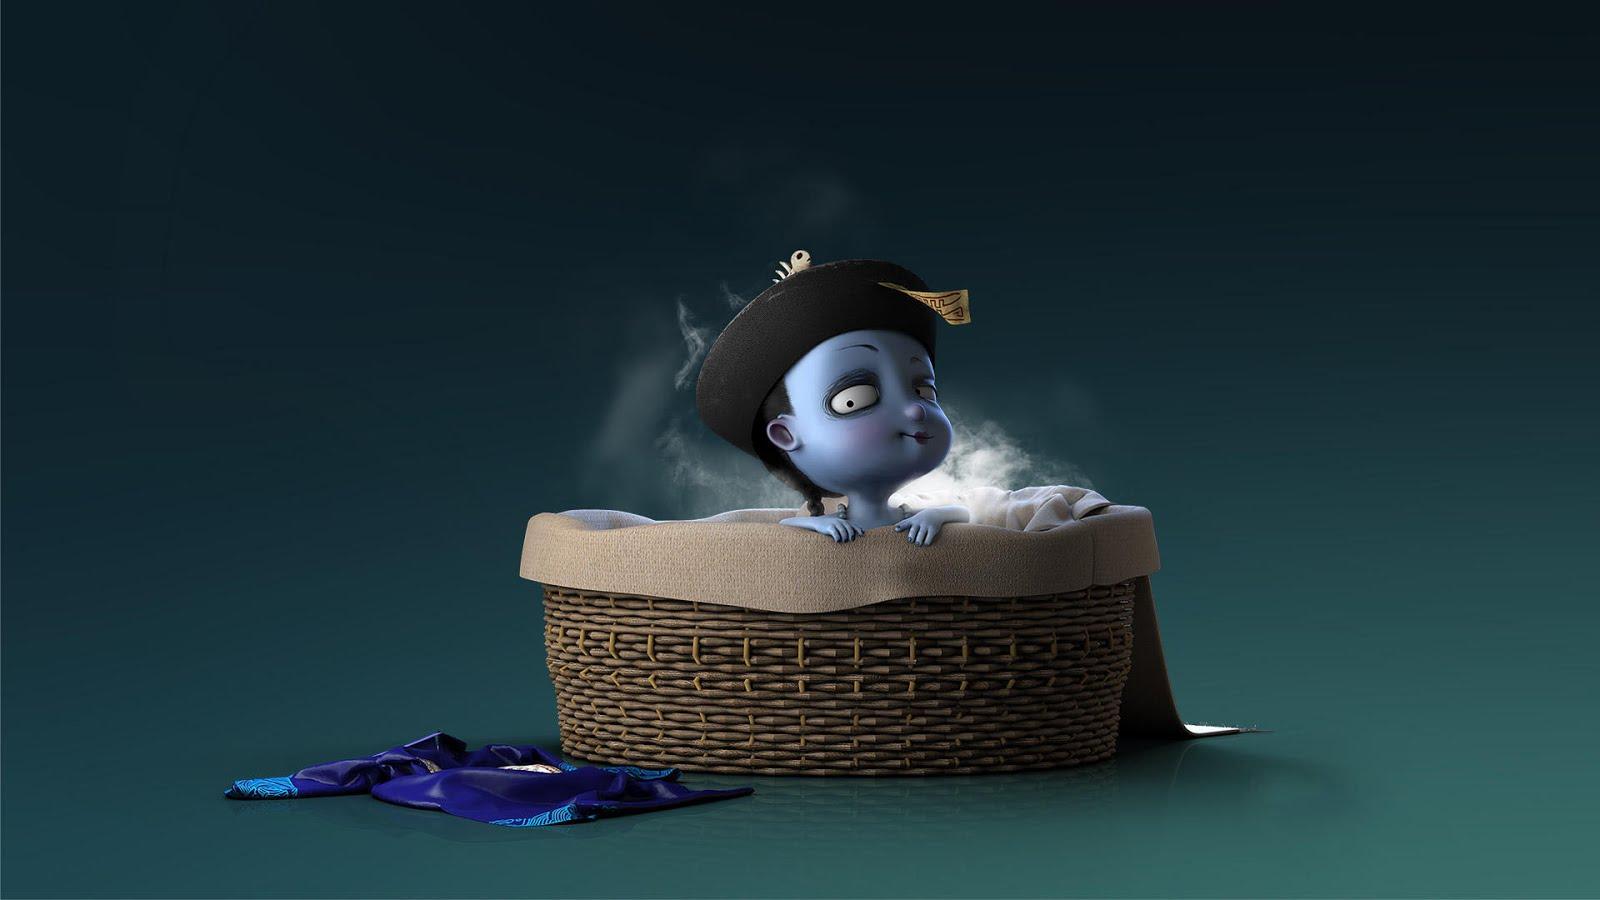 Tải hình ảnh nền Cương Tiểu Ngư dễ thương cute cho máy tính.